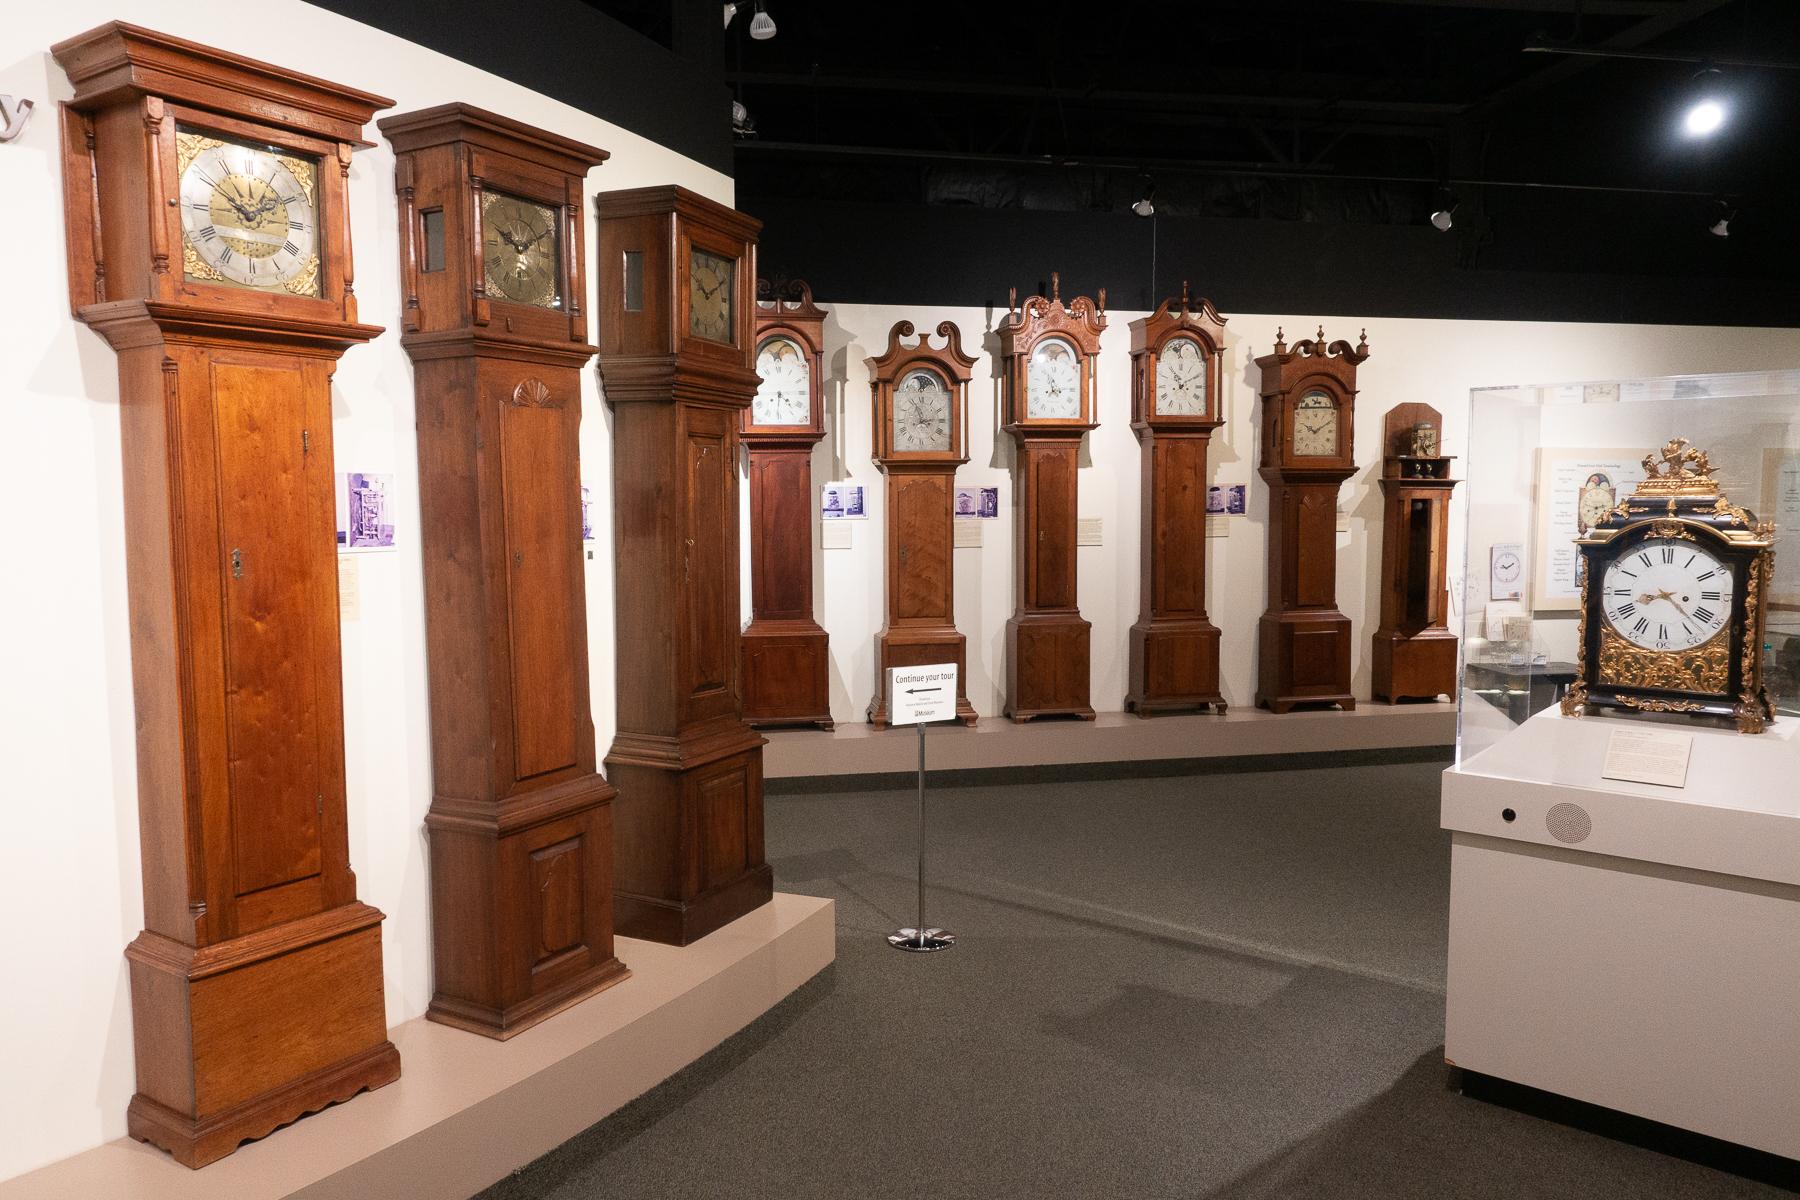 Tall Clocks